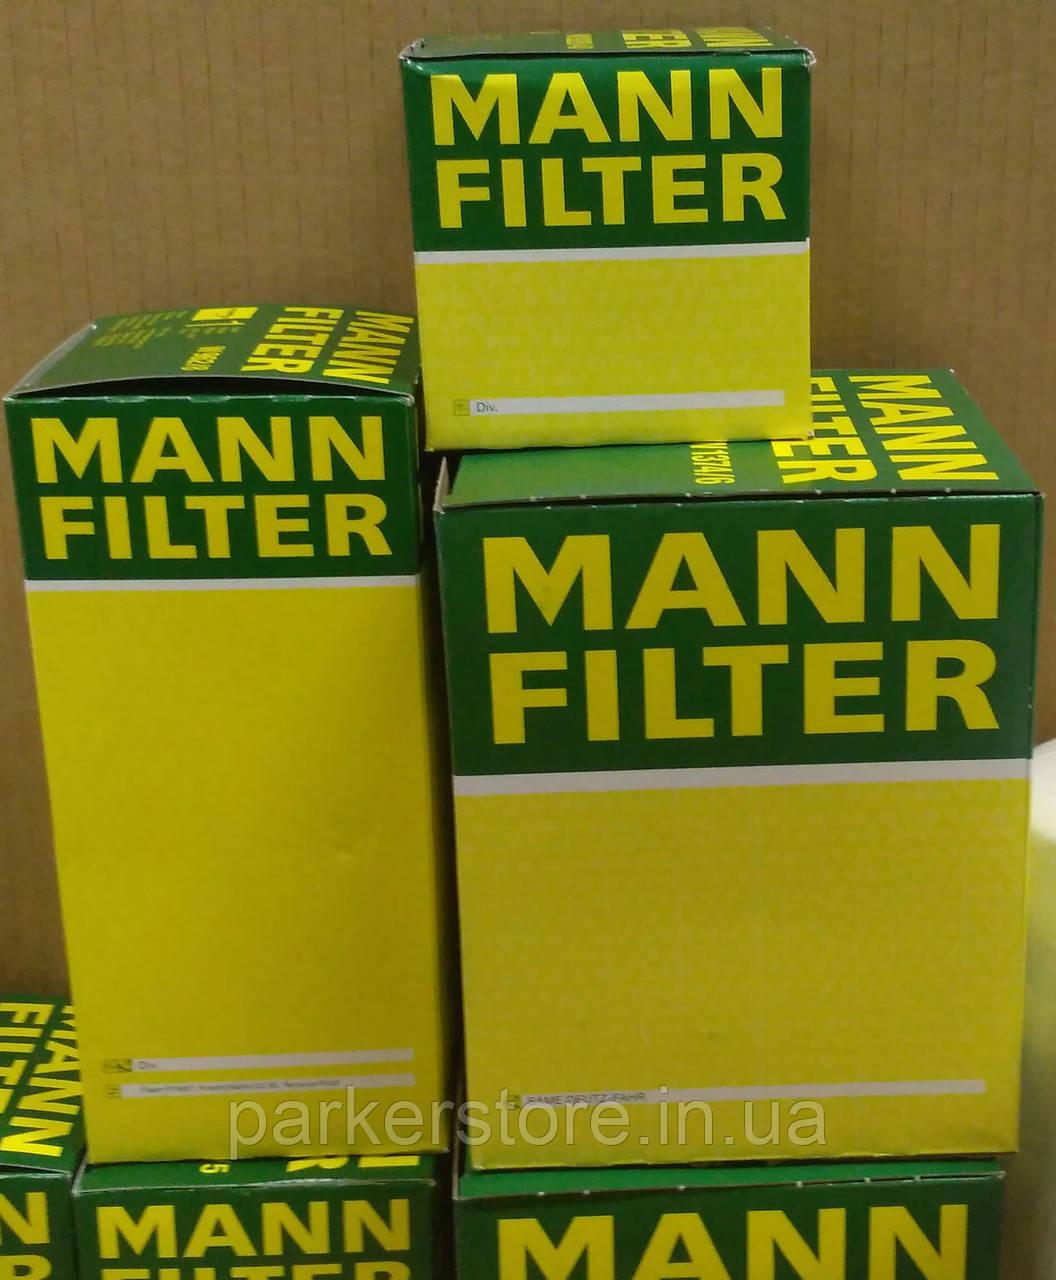 MANN FILTER / Воздушный фильтр / C 24 025 / C24025